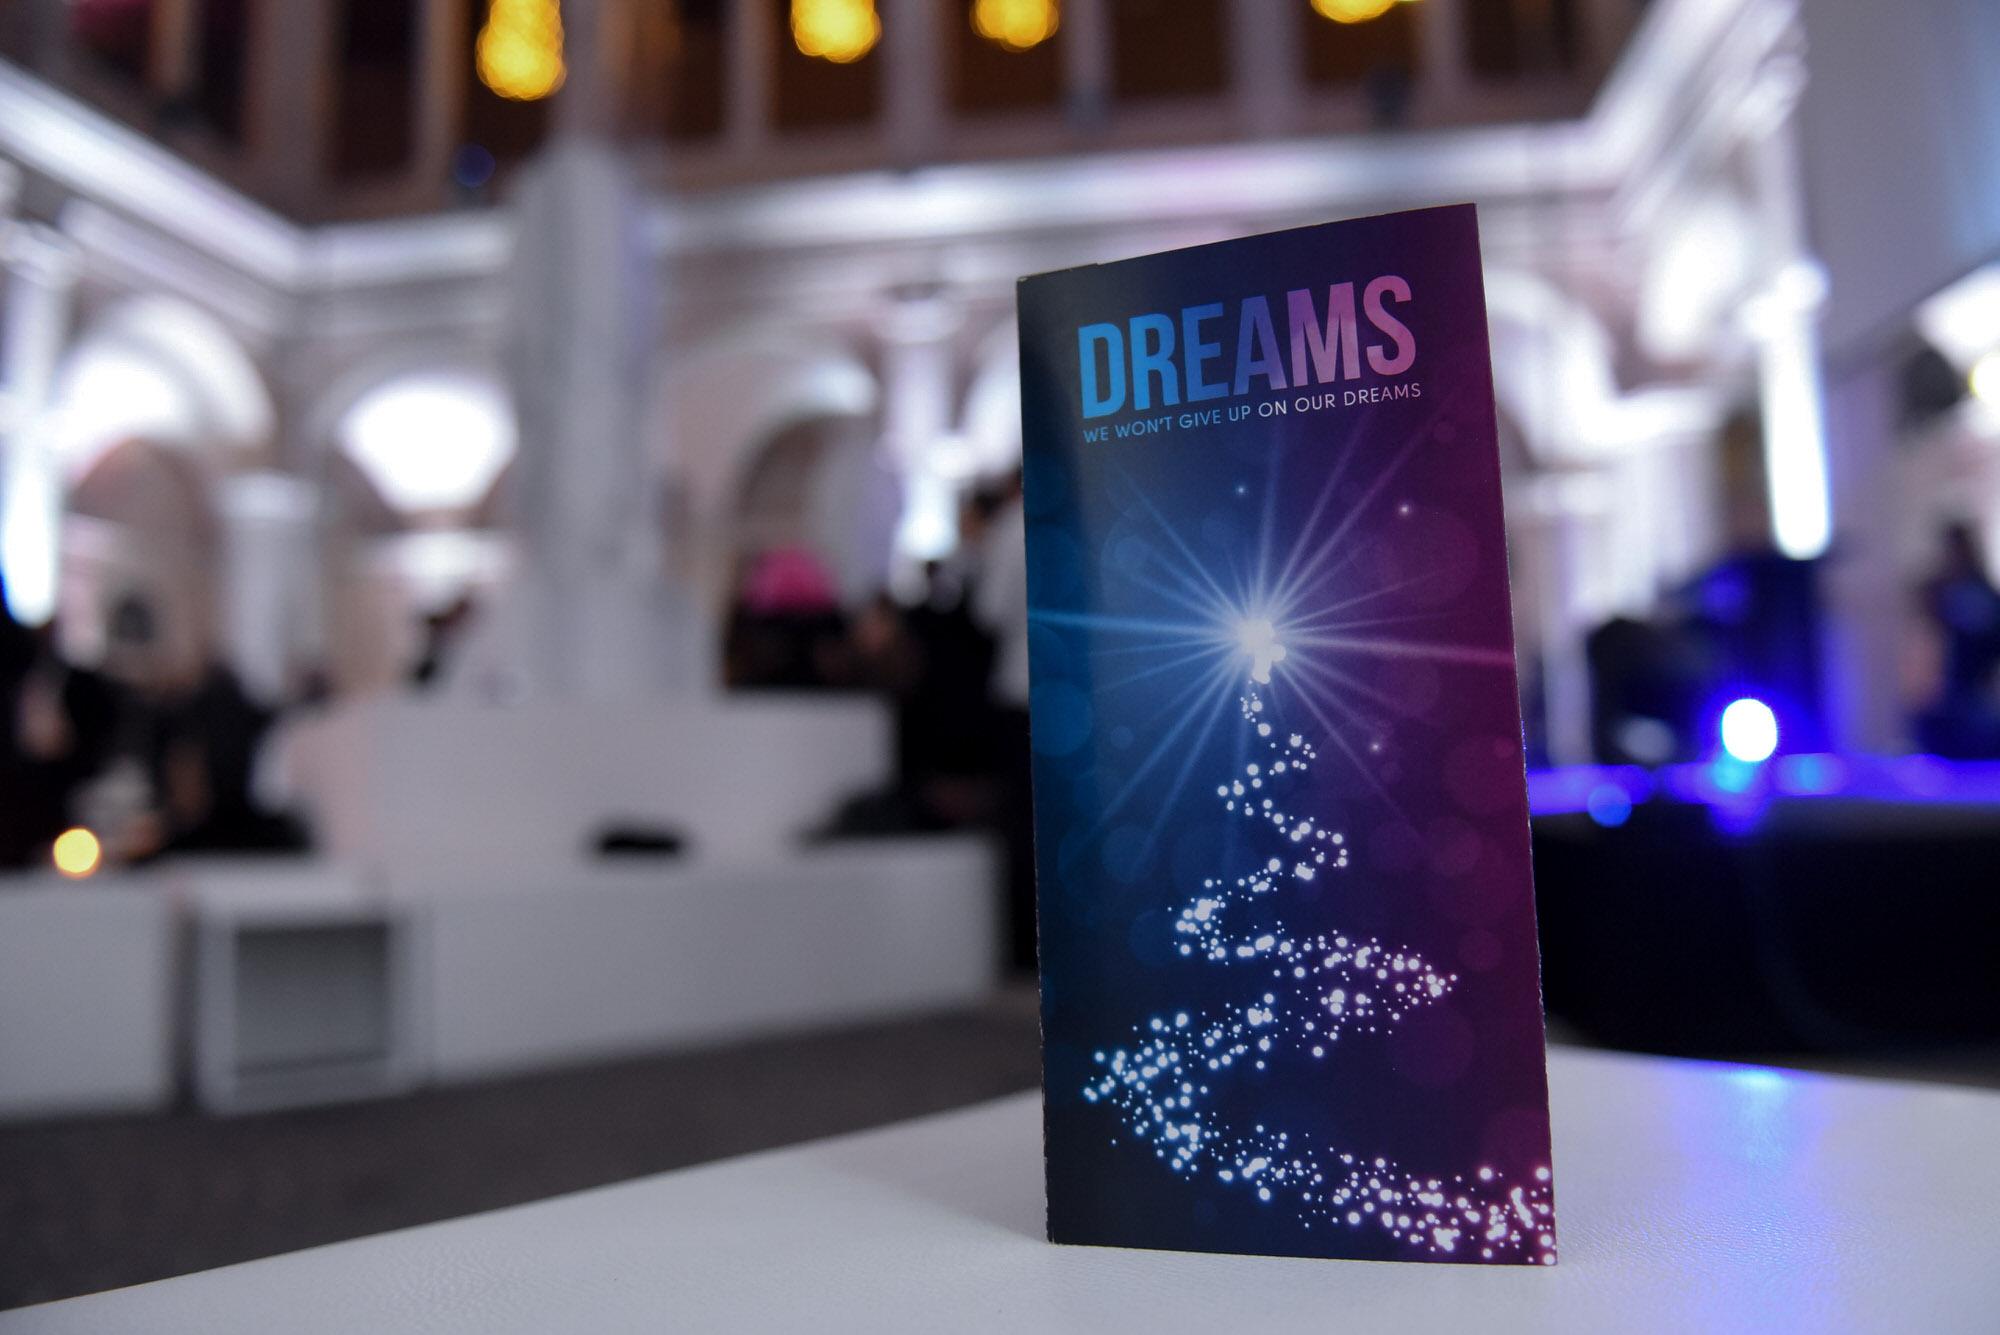 dreams-christmas-party-gruppo-peroni-eventi-01